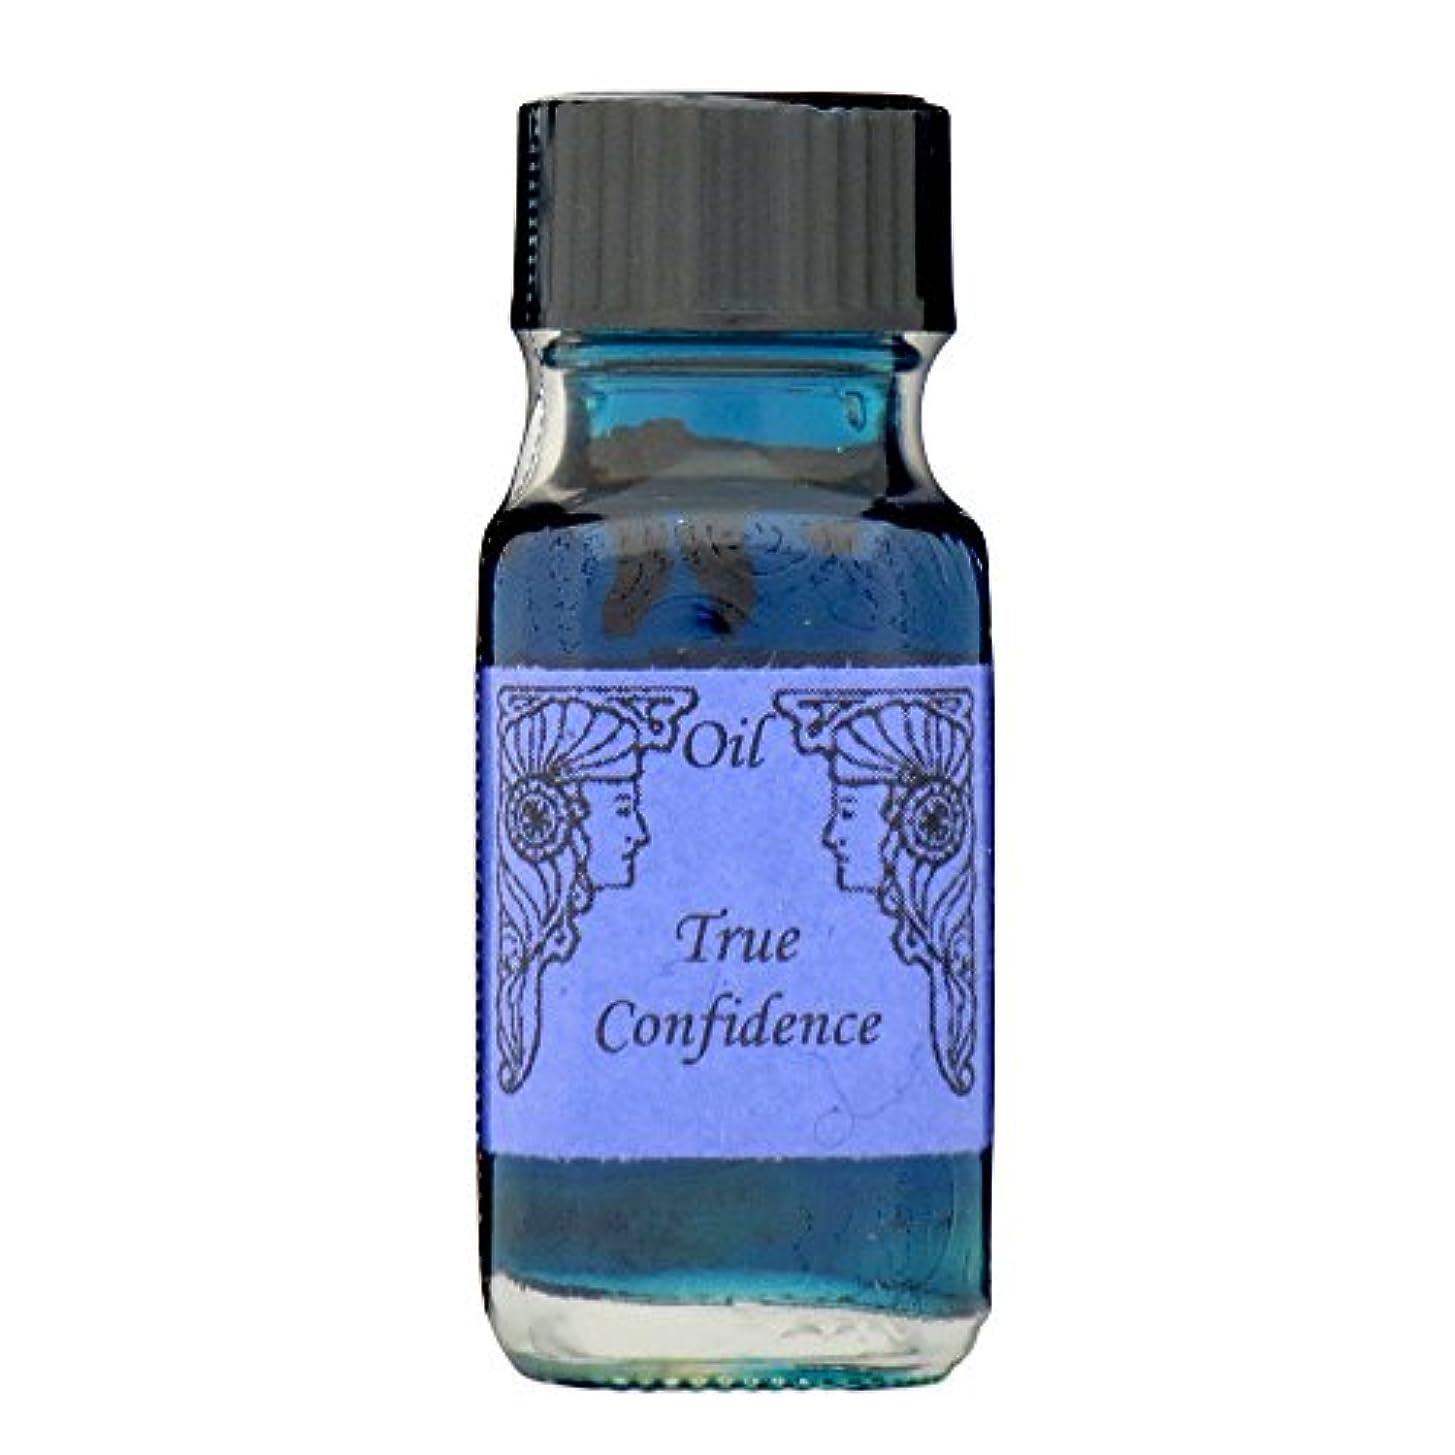 投資する特異性百年アンシェントメモリーオイル トゥルーコンフィデンス (真の自信) 15ml (Ancient Memory Oils)